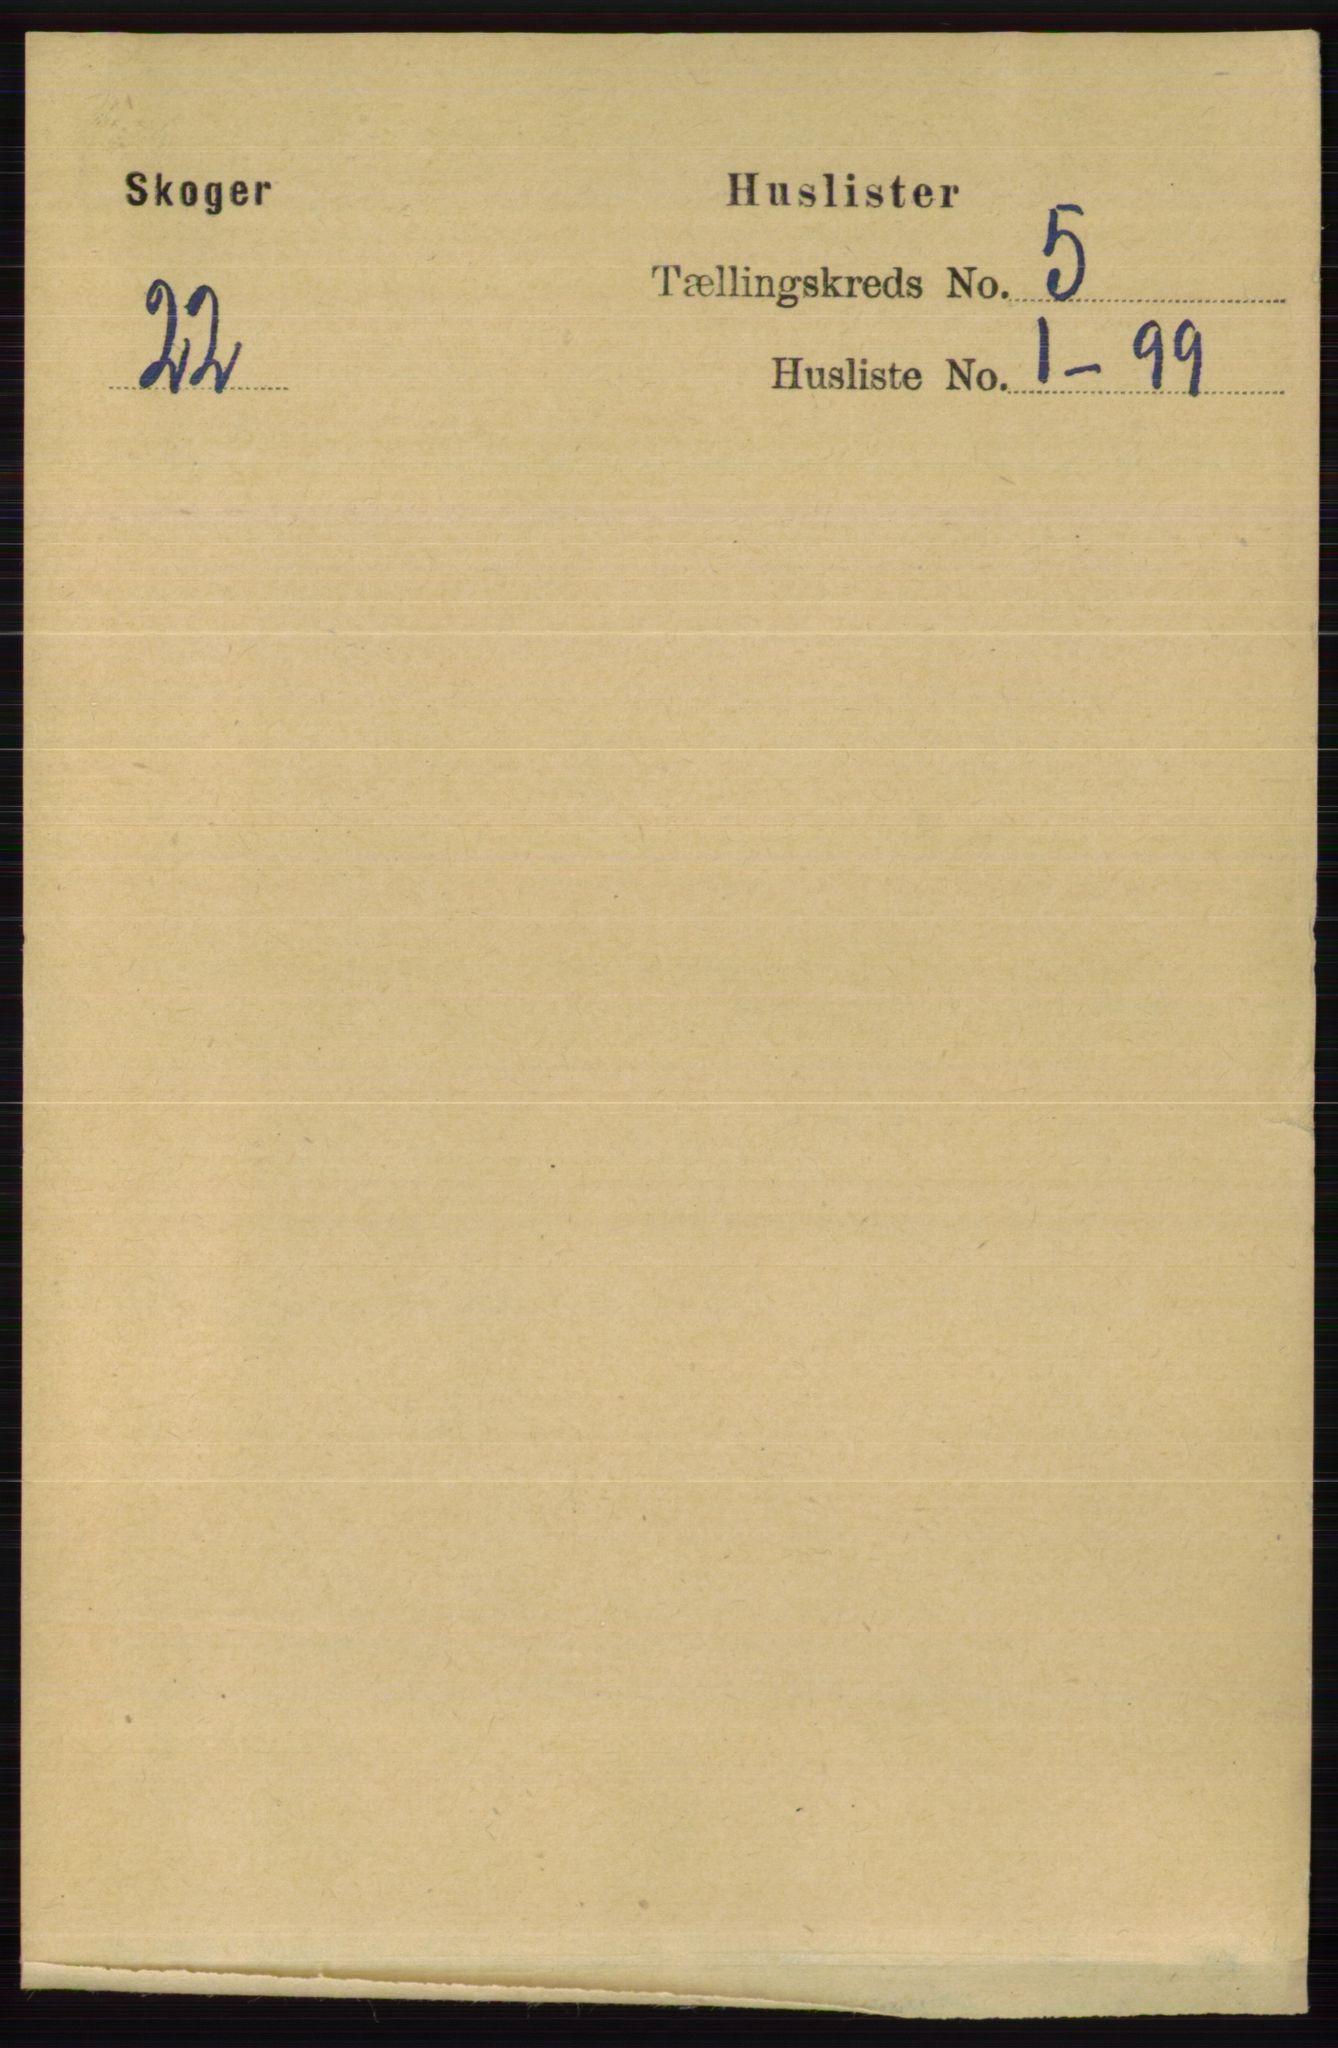 RA, Folketelling 1891 for 0712 Skoger herred, 1891, s. 3007